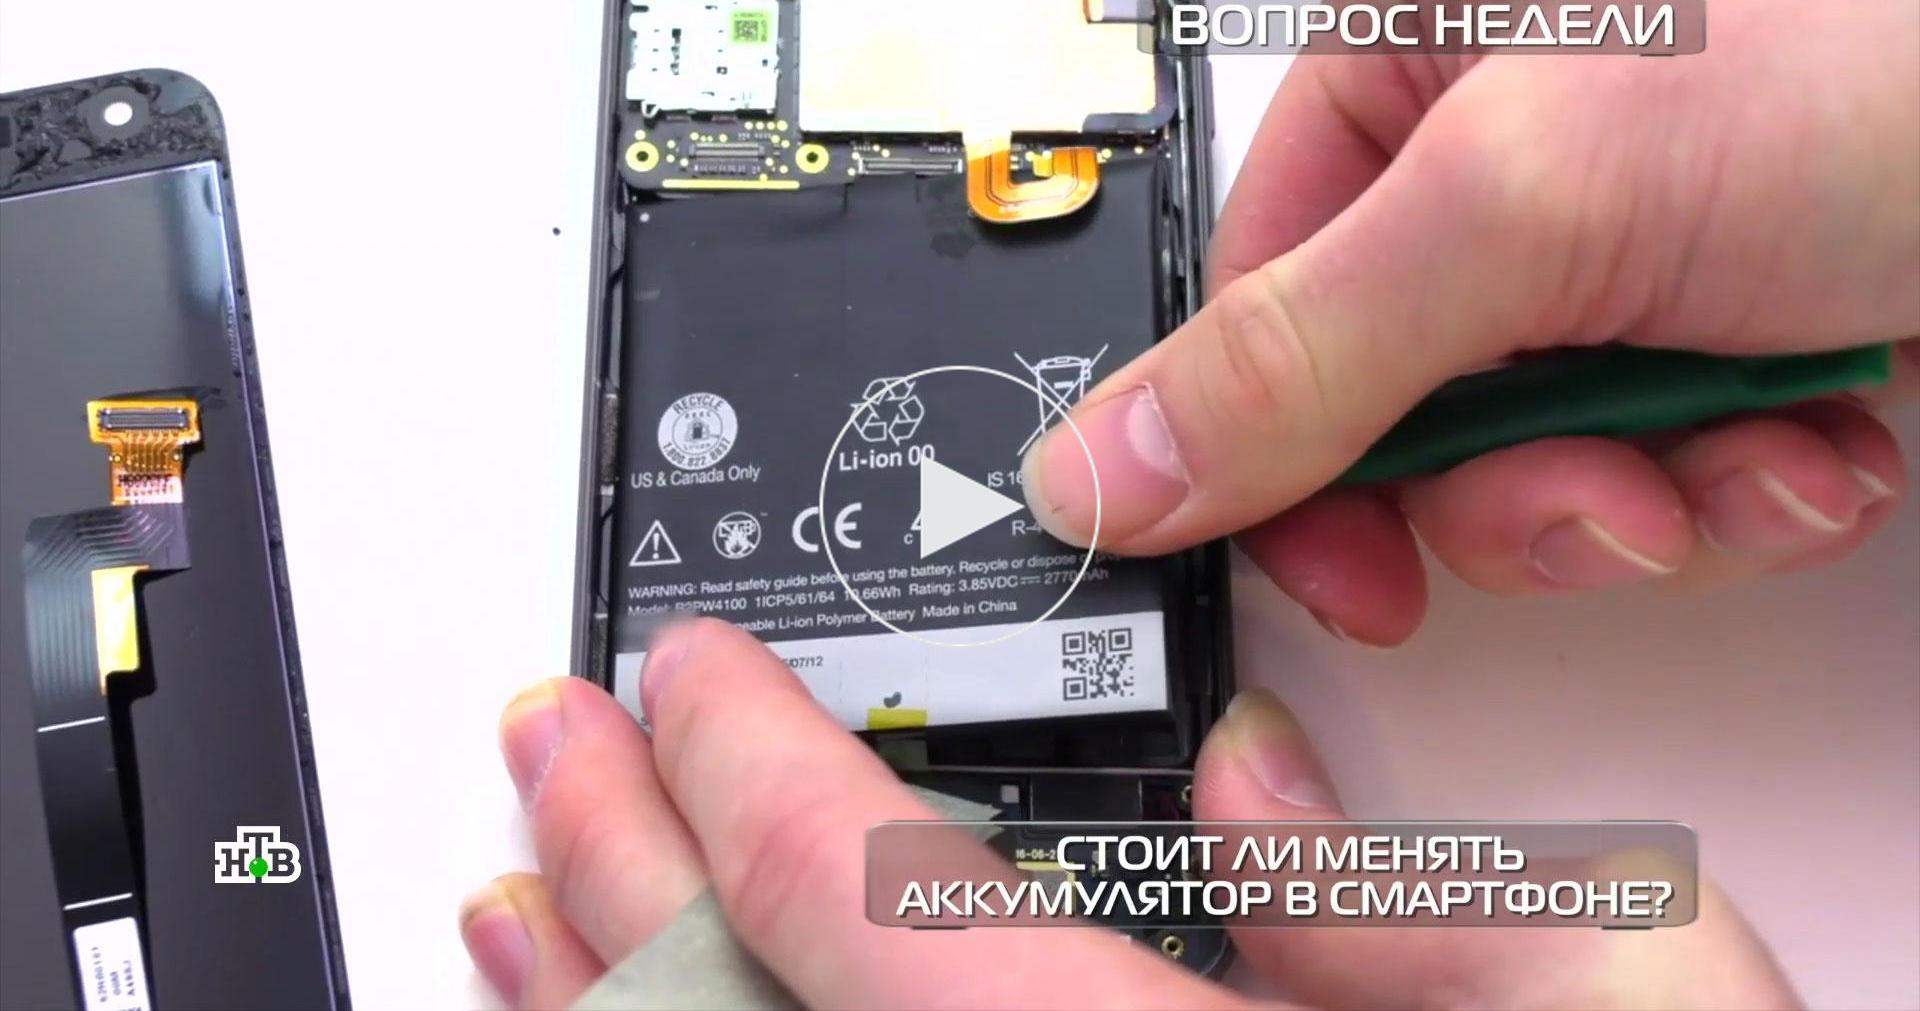 Продлитли срок службы смартфона замена аккумулятора?